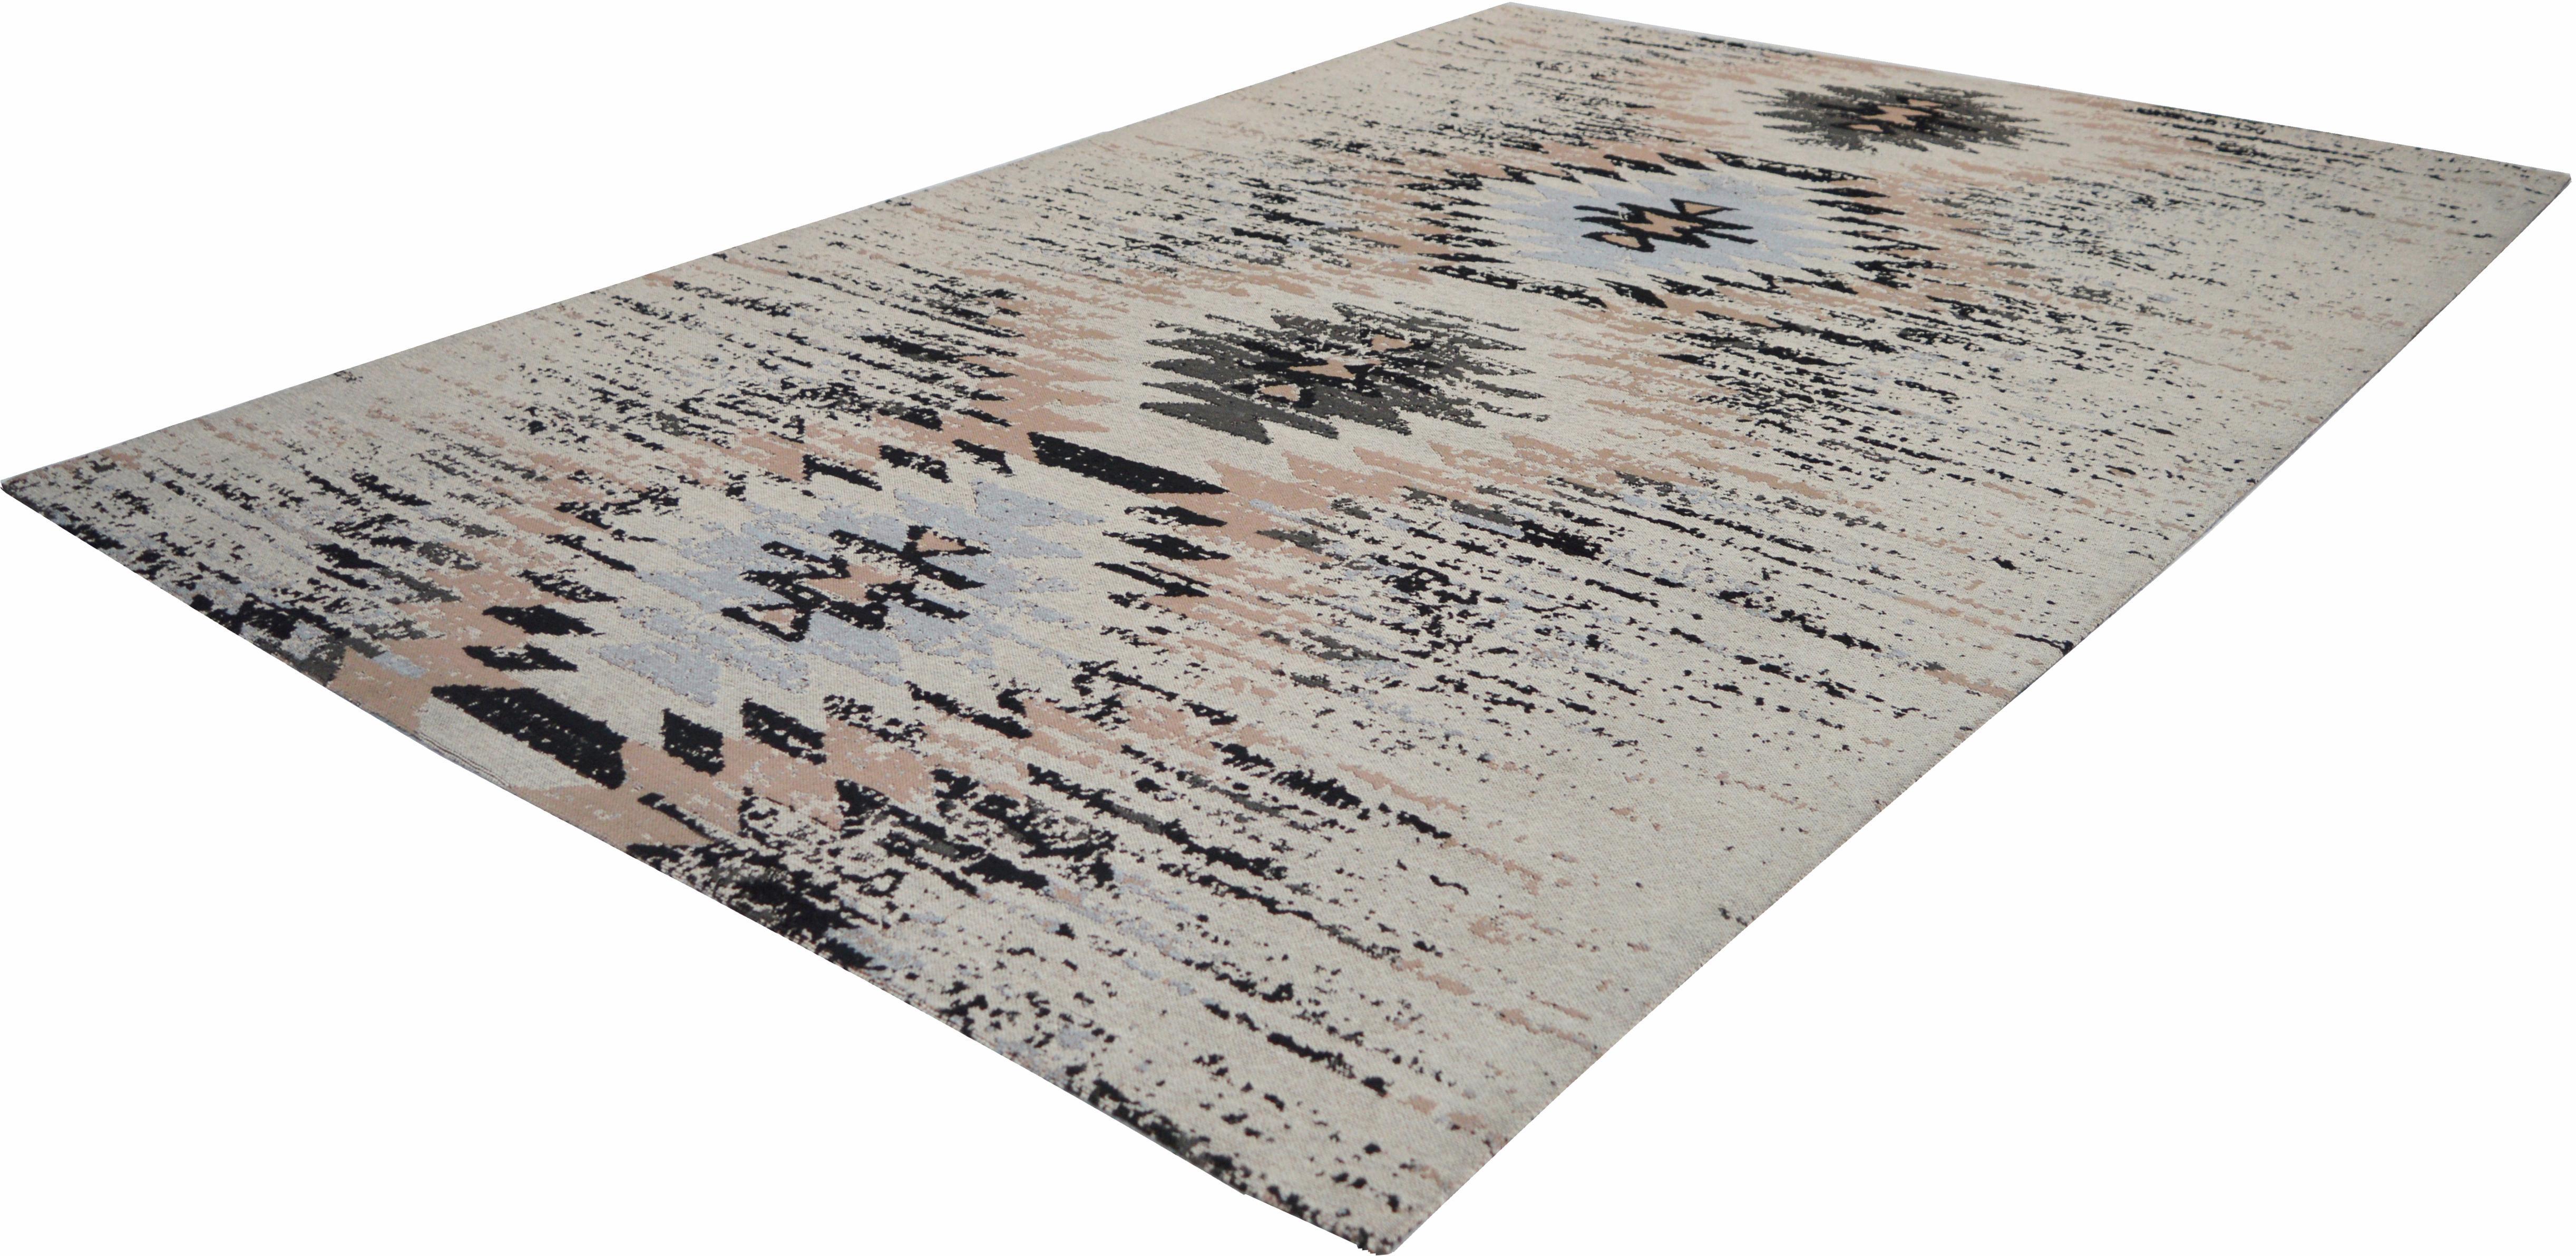 Teppich Solitaire 210 Kayoom rechteckig Höhe 8 mm handgewebt